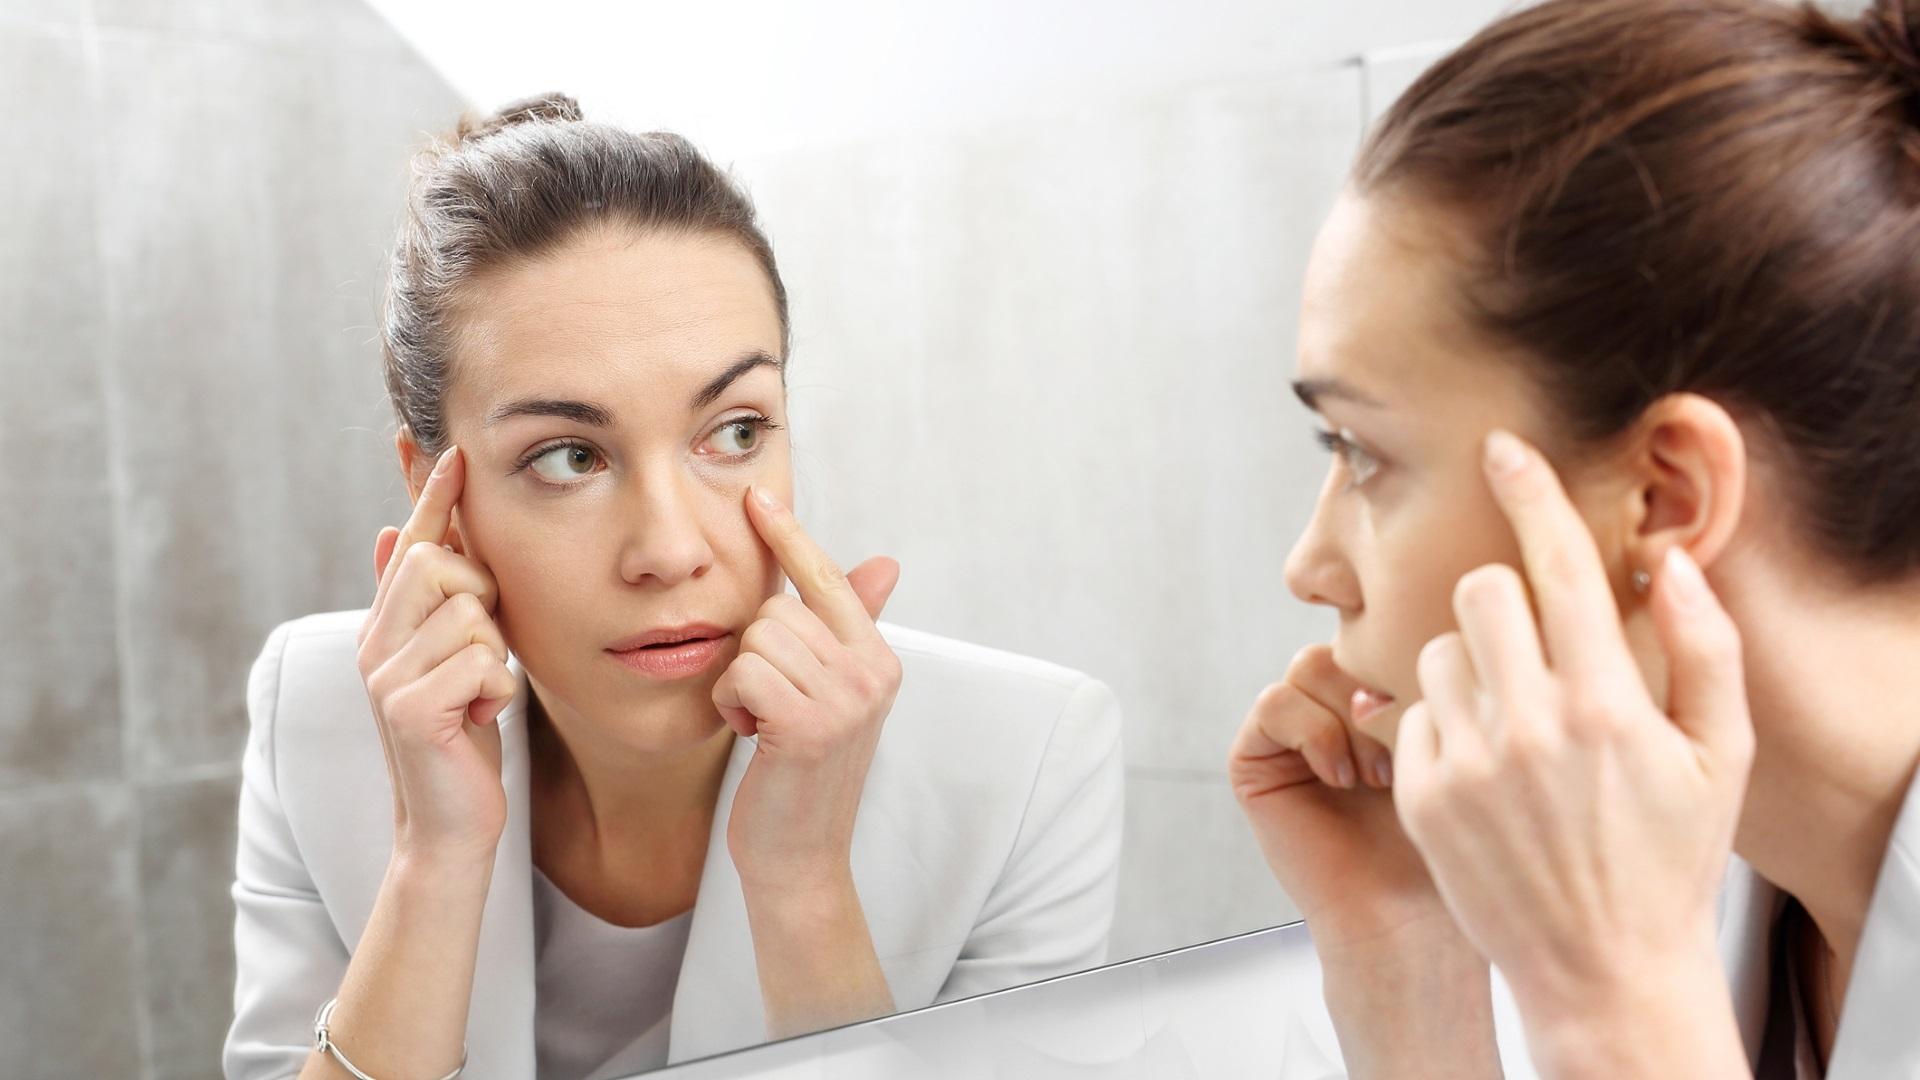 Нова грижа за лицето сутрин<br /> <br /> Когато сте стопили мазнините на корема и бедрата лицето ви също отслабва. На теория това звучи хубаво, но ако имате подкожна мазнина можете да скриете появата на фини бръчки и увисване. Не е нужно да избирате между отслабването и красивото лице, просто се заредете с витамин C. За всеки милиграм увеличение на дневната доза витамин C, намалявате риска от бръчки с 11%. Суперхрани като папая, броколи и брюкселско зеле, червени чушки ще ви помогнат. Разбира се, съчетани с качествен крем за лице, препоръчан от дерматолог.